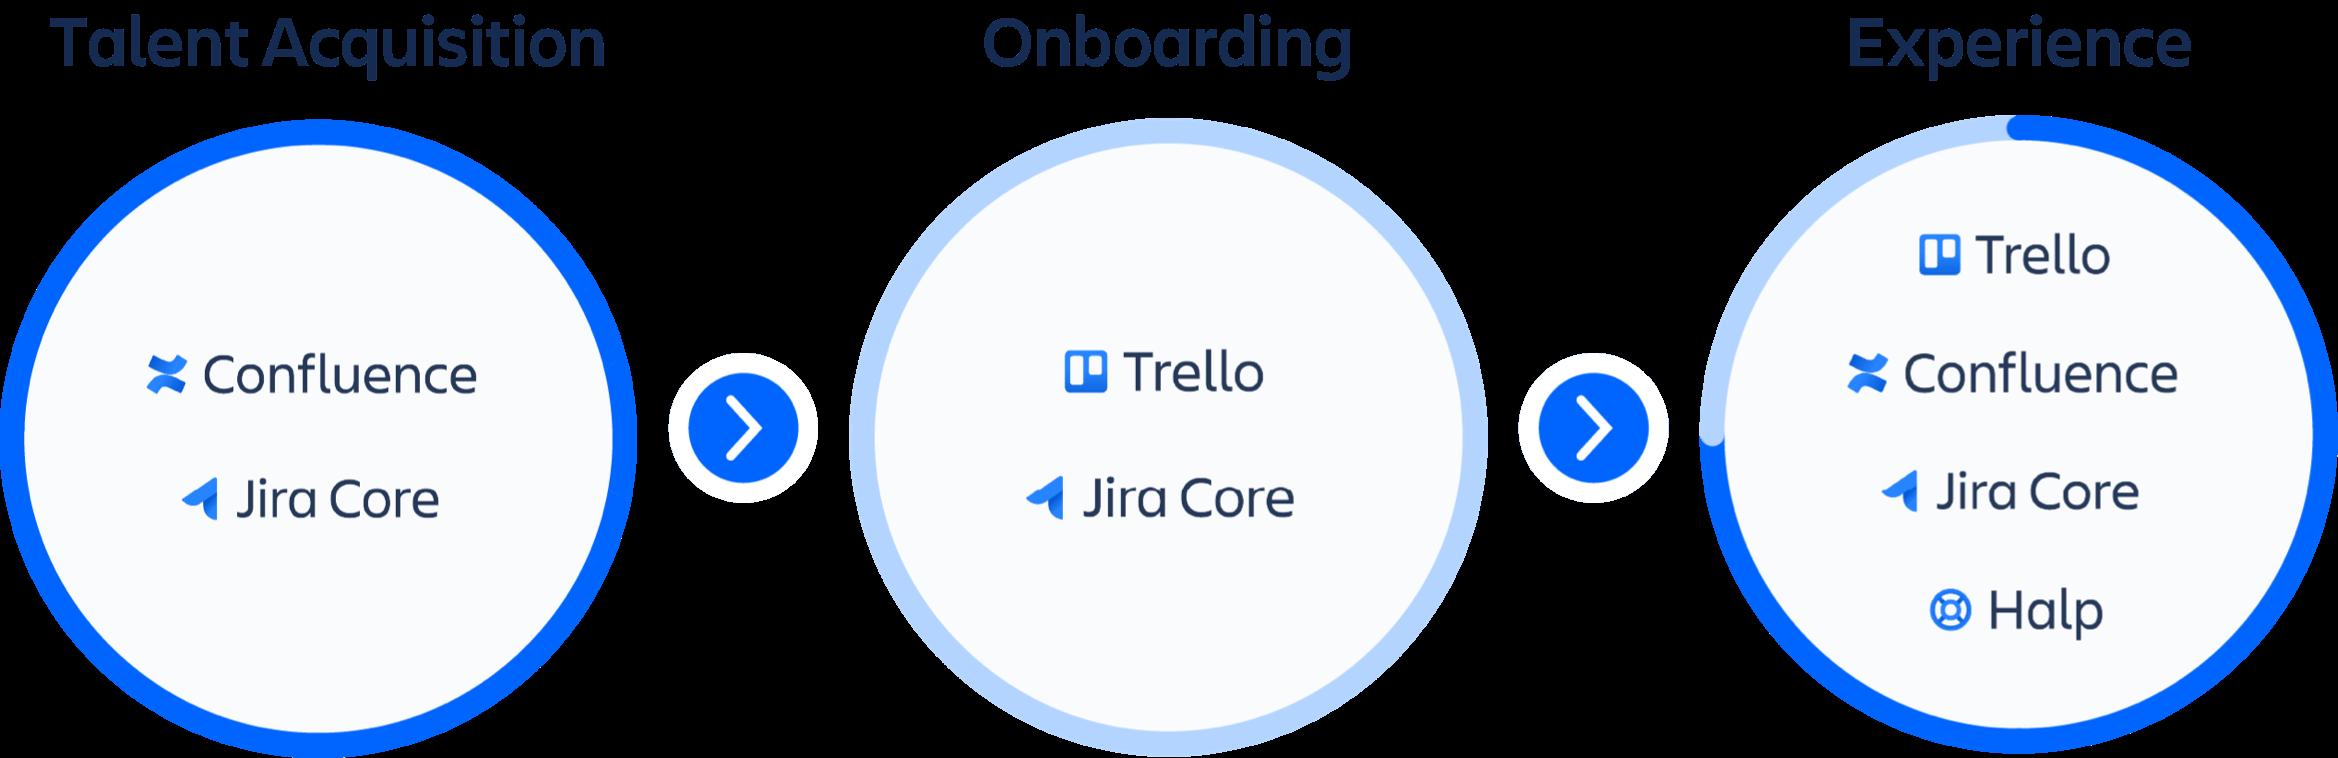 Gráfico de los productos de adquisición de talento: Confluence y Jira Core con productos de incorporación: Trello y Jira Core